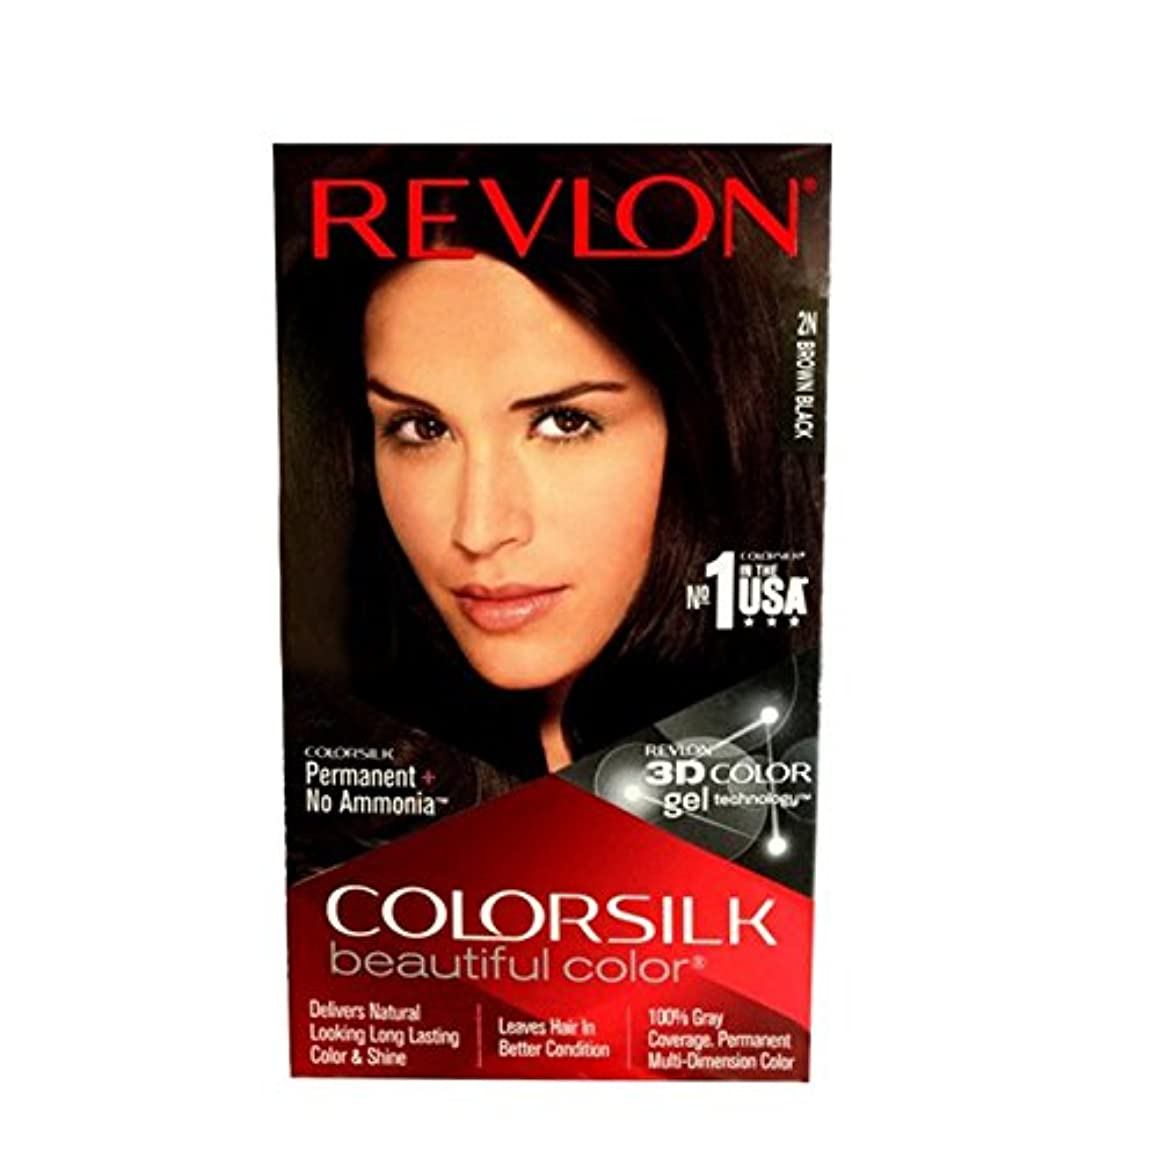 置換はず決済Revlon Colorsilk Hair Color with 3D Color Gel Technology 2N Brown Black